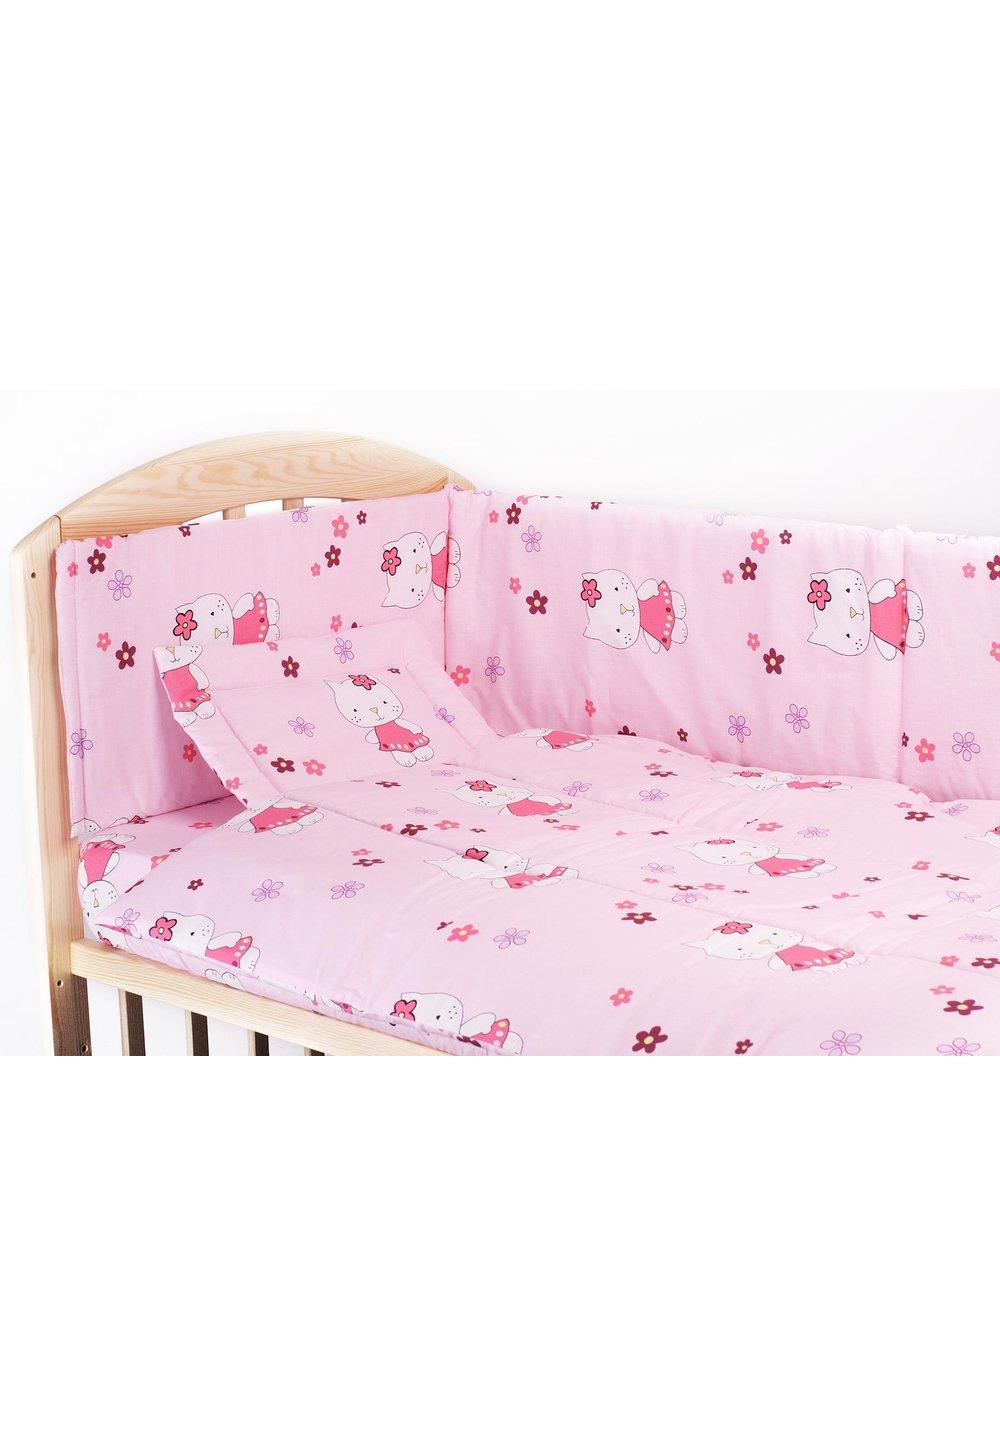 Lenjerie 3 piese kitty roz,120 x 60 cm imagine